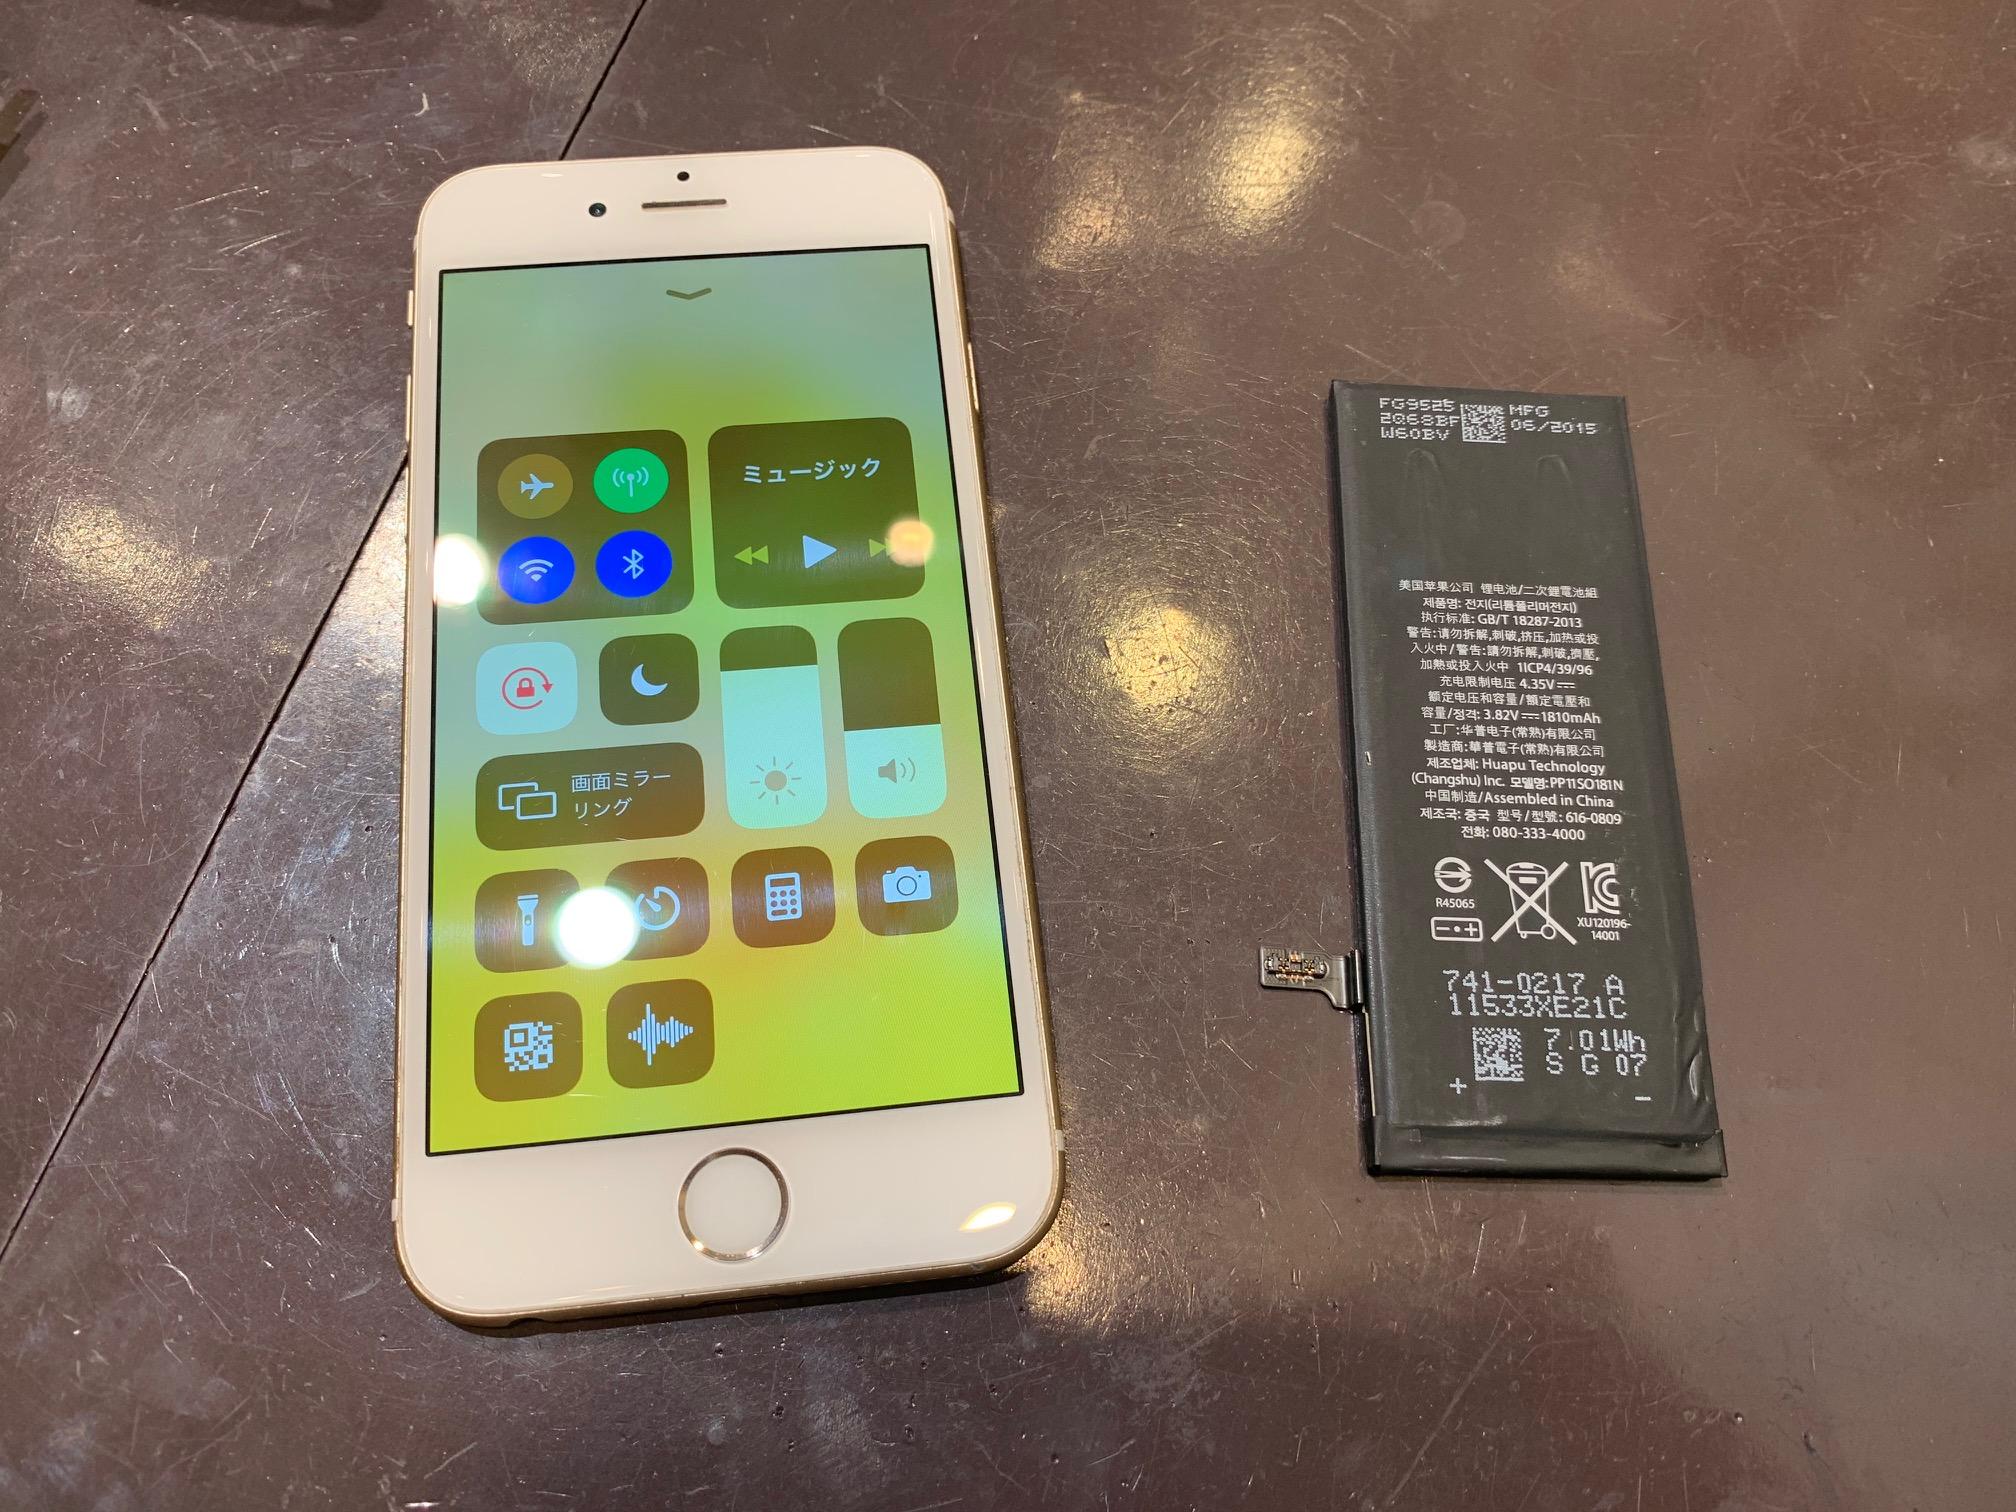 iPhoneのバッテリー交換も当店で可能☆電池の減りが早い、電源がすぐ落ちる、消耗が激しい等…気になりだしたら早めに交換★iphone6s電池交換修理[大阪市よりお越しのお客様]スマートクール尼崎店